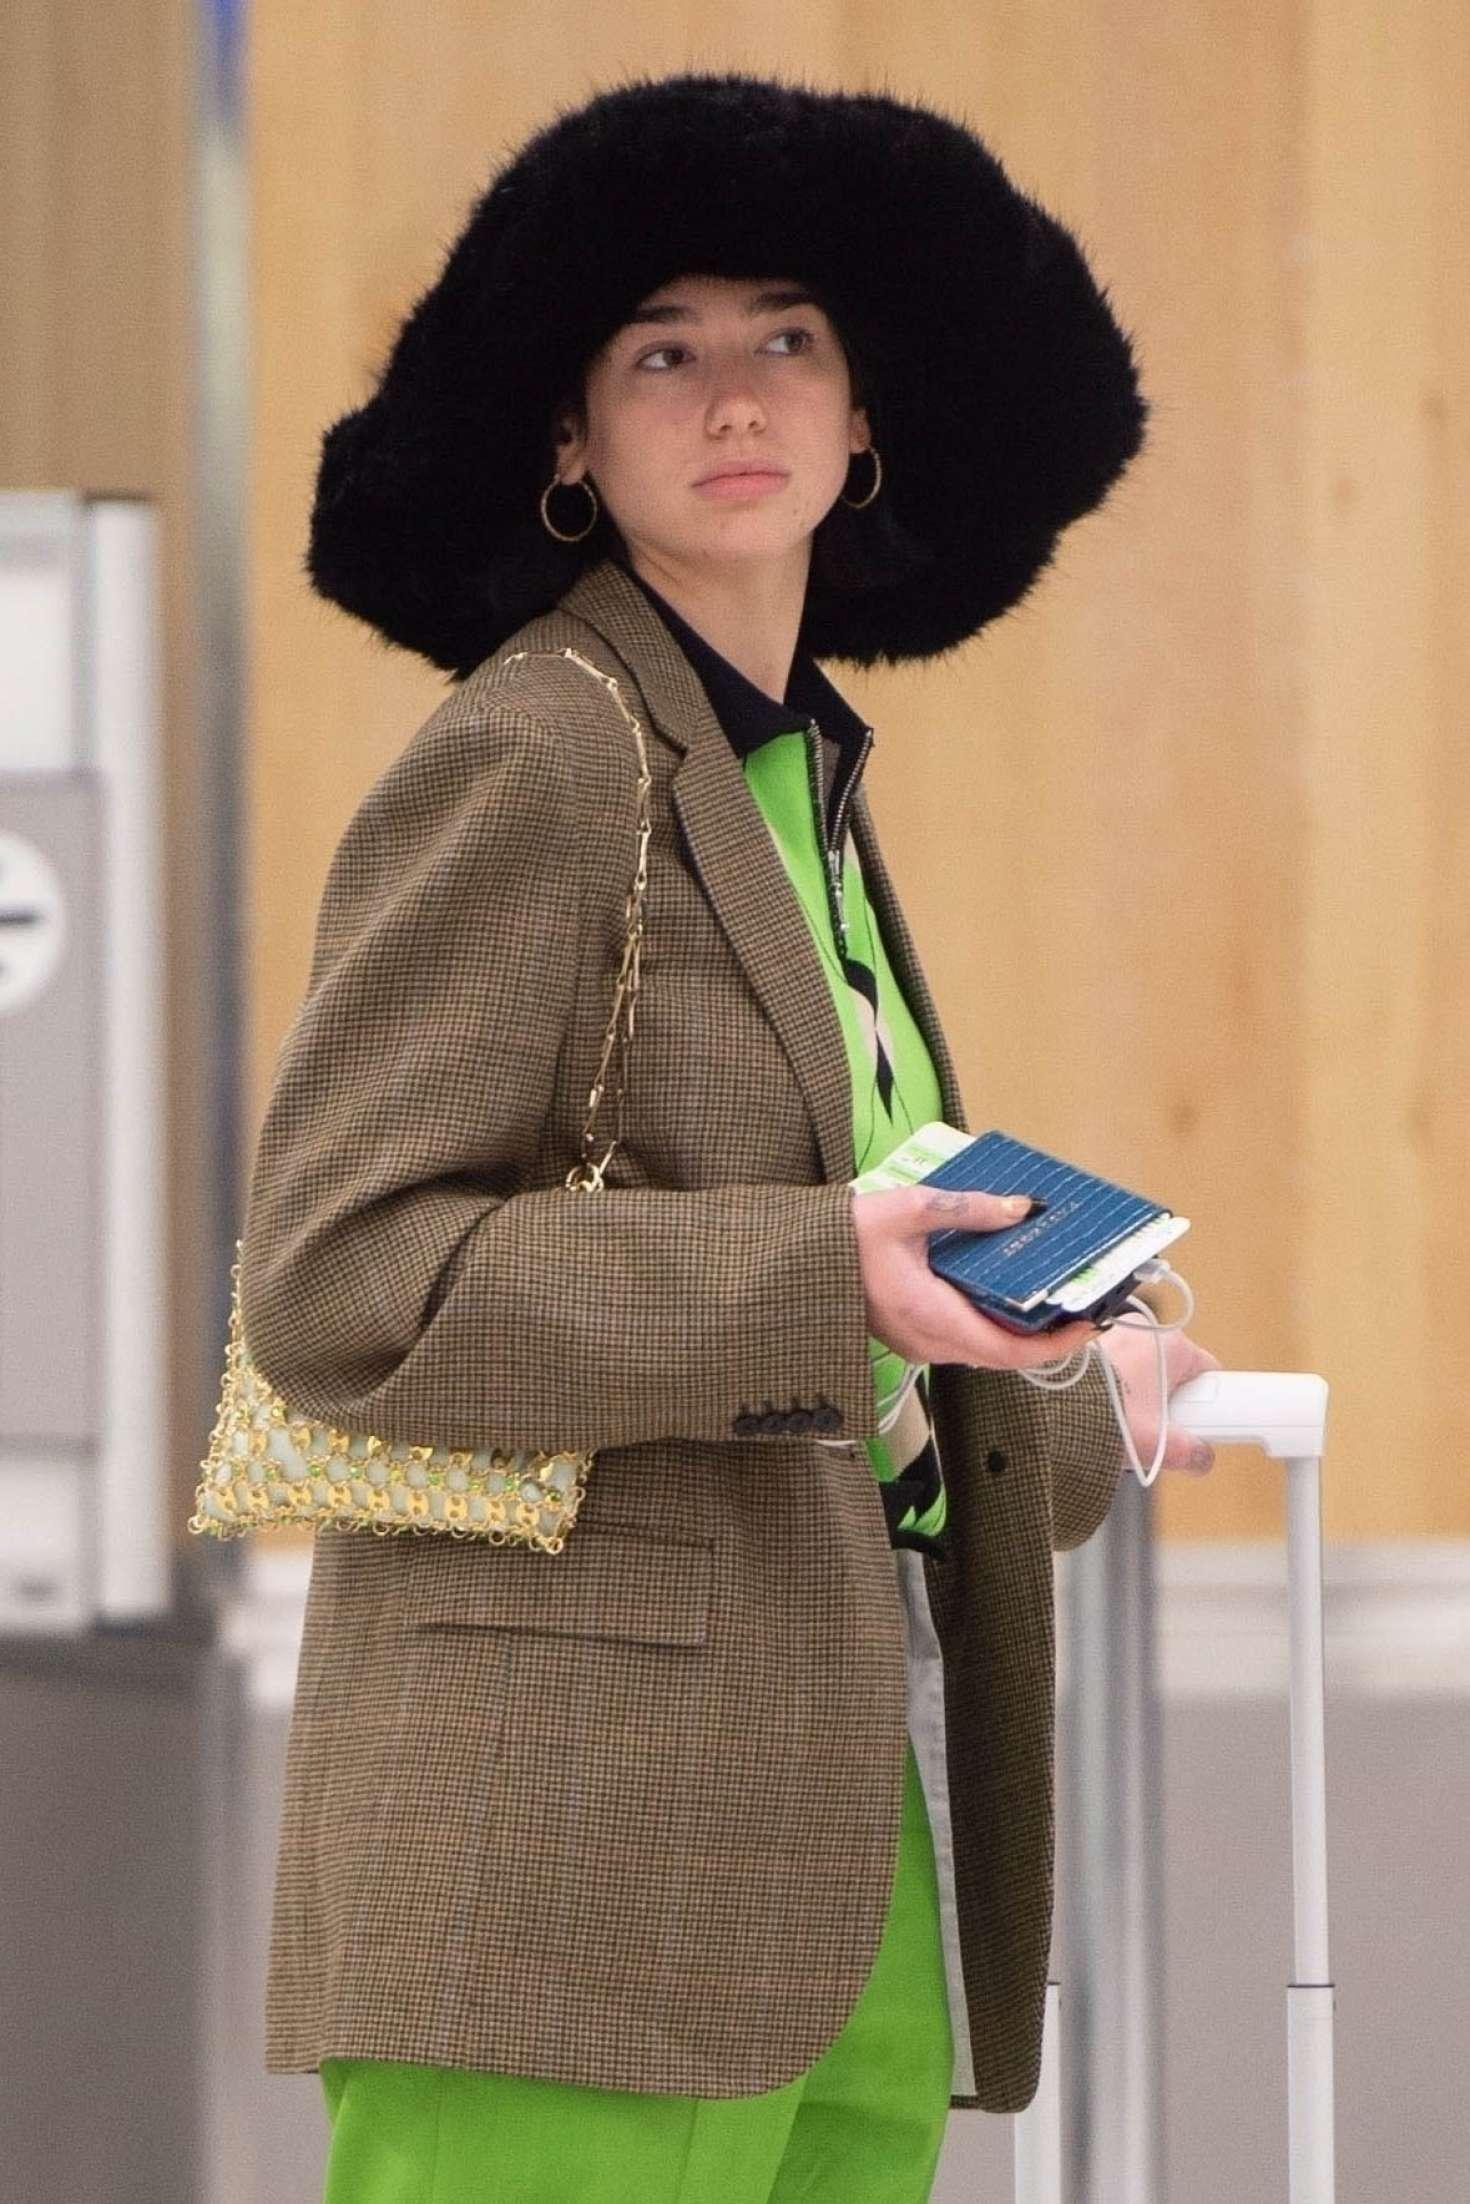 Dua Lipa - Arrives at JFK Airport in NYC